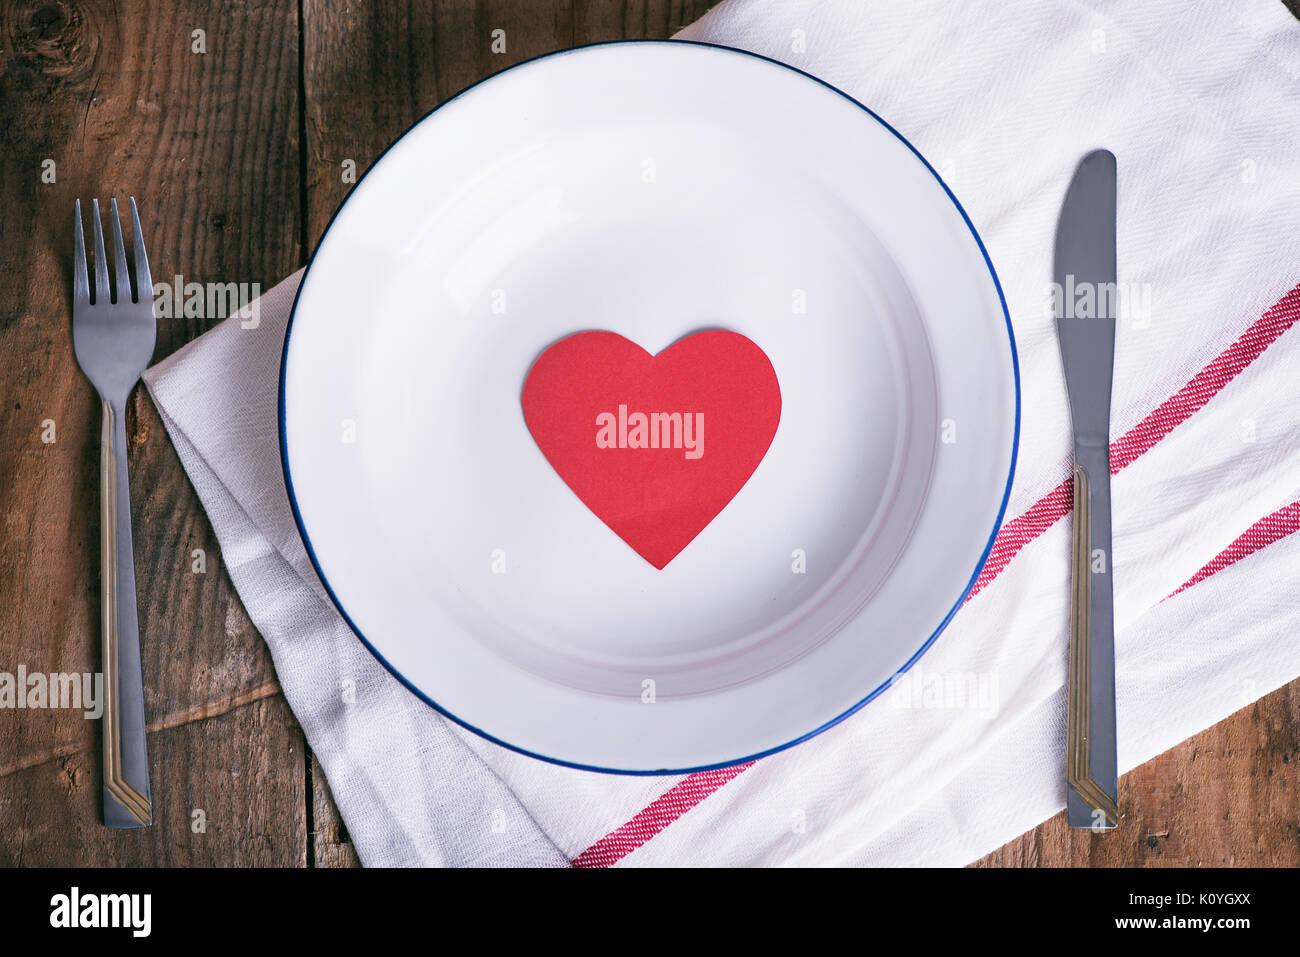 Concept L'alimentation et la perte de poids. La plaque vide avec du papier rouge coeur au milieu de la plaque Photo Stock